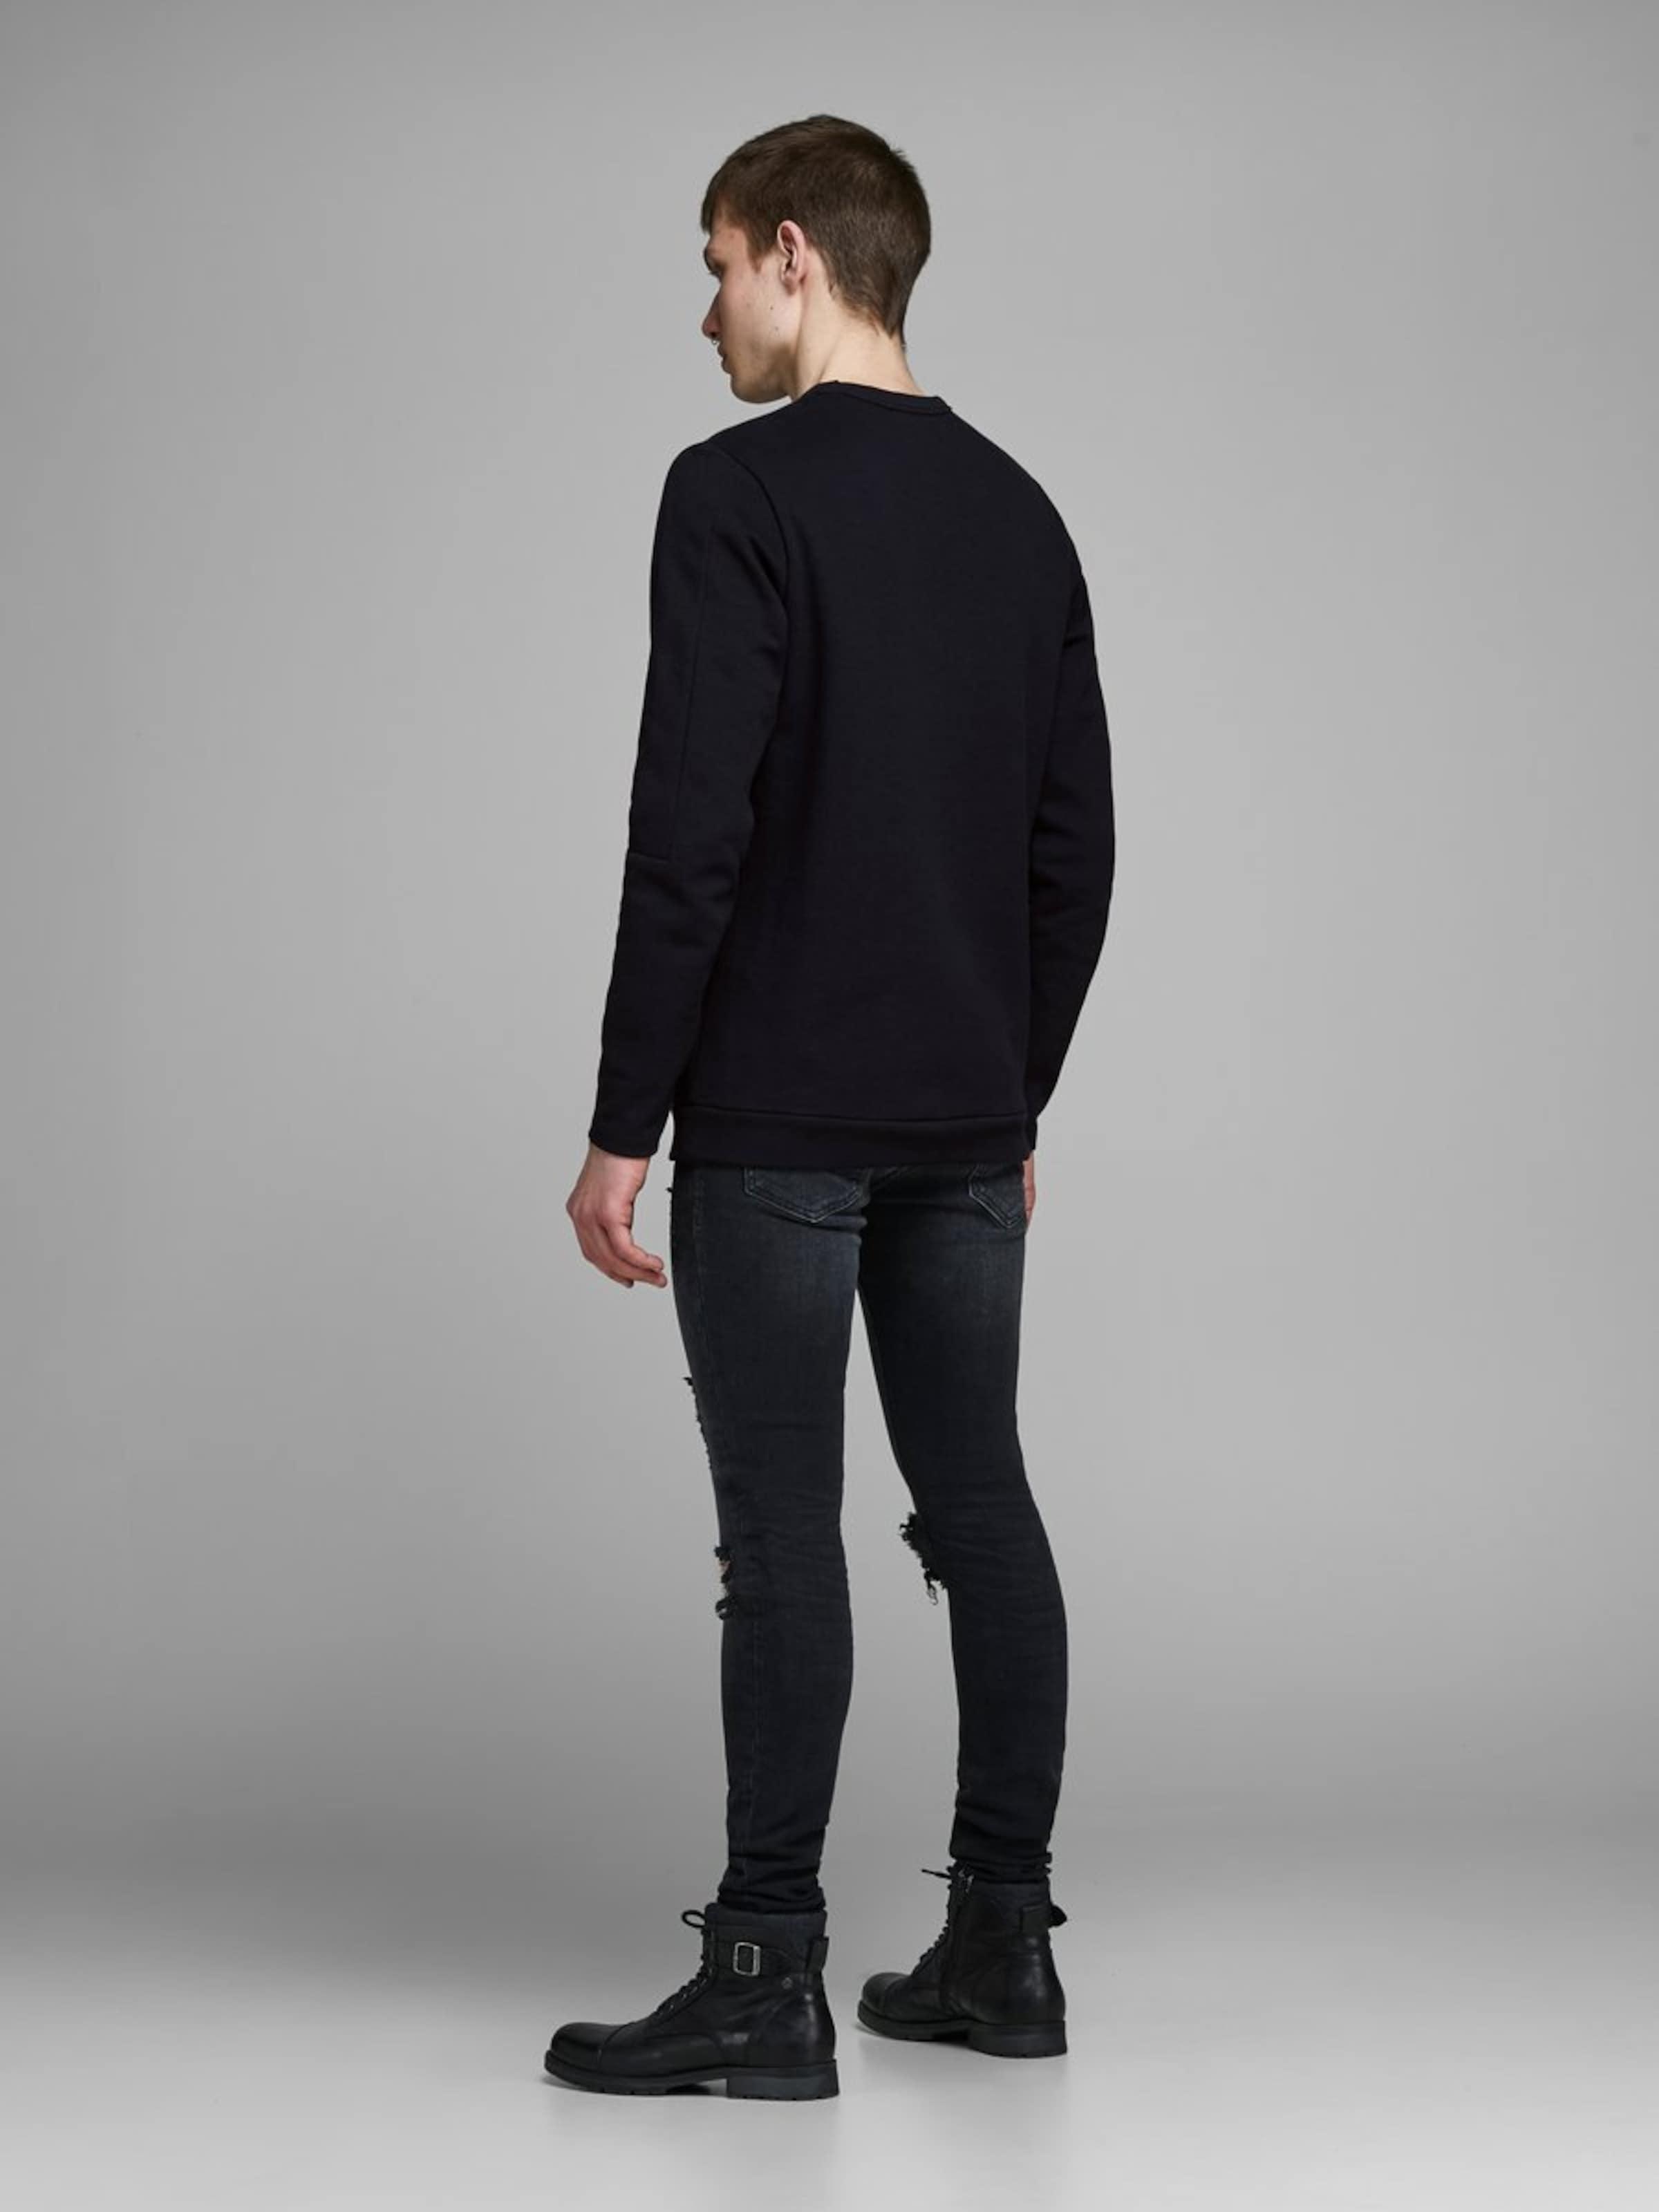 Jackamp; Jones Jackamp; Jones Schwarz Sweatshirt Sweatshirt In eoCxrdB